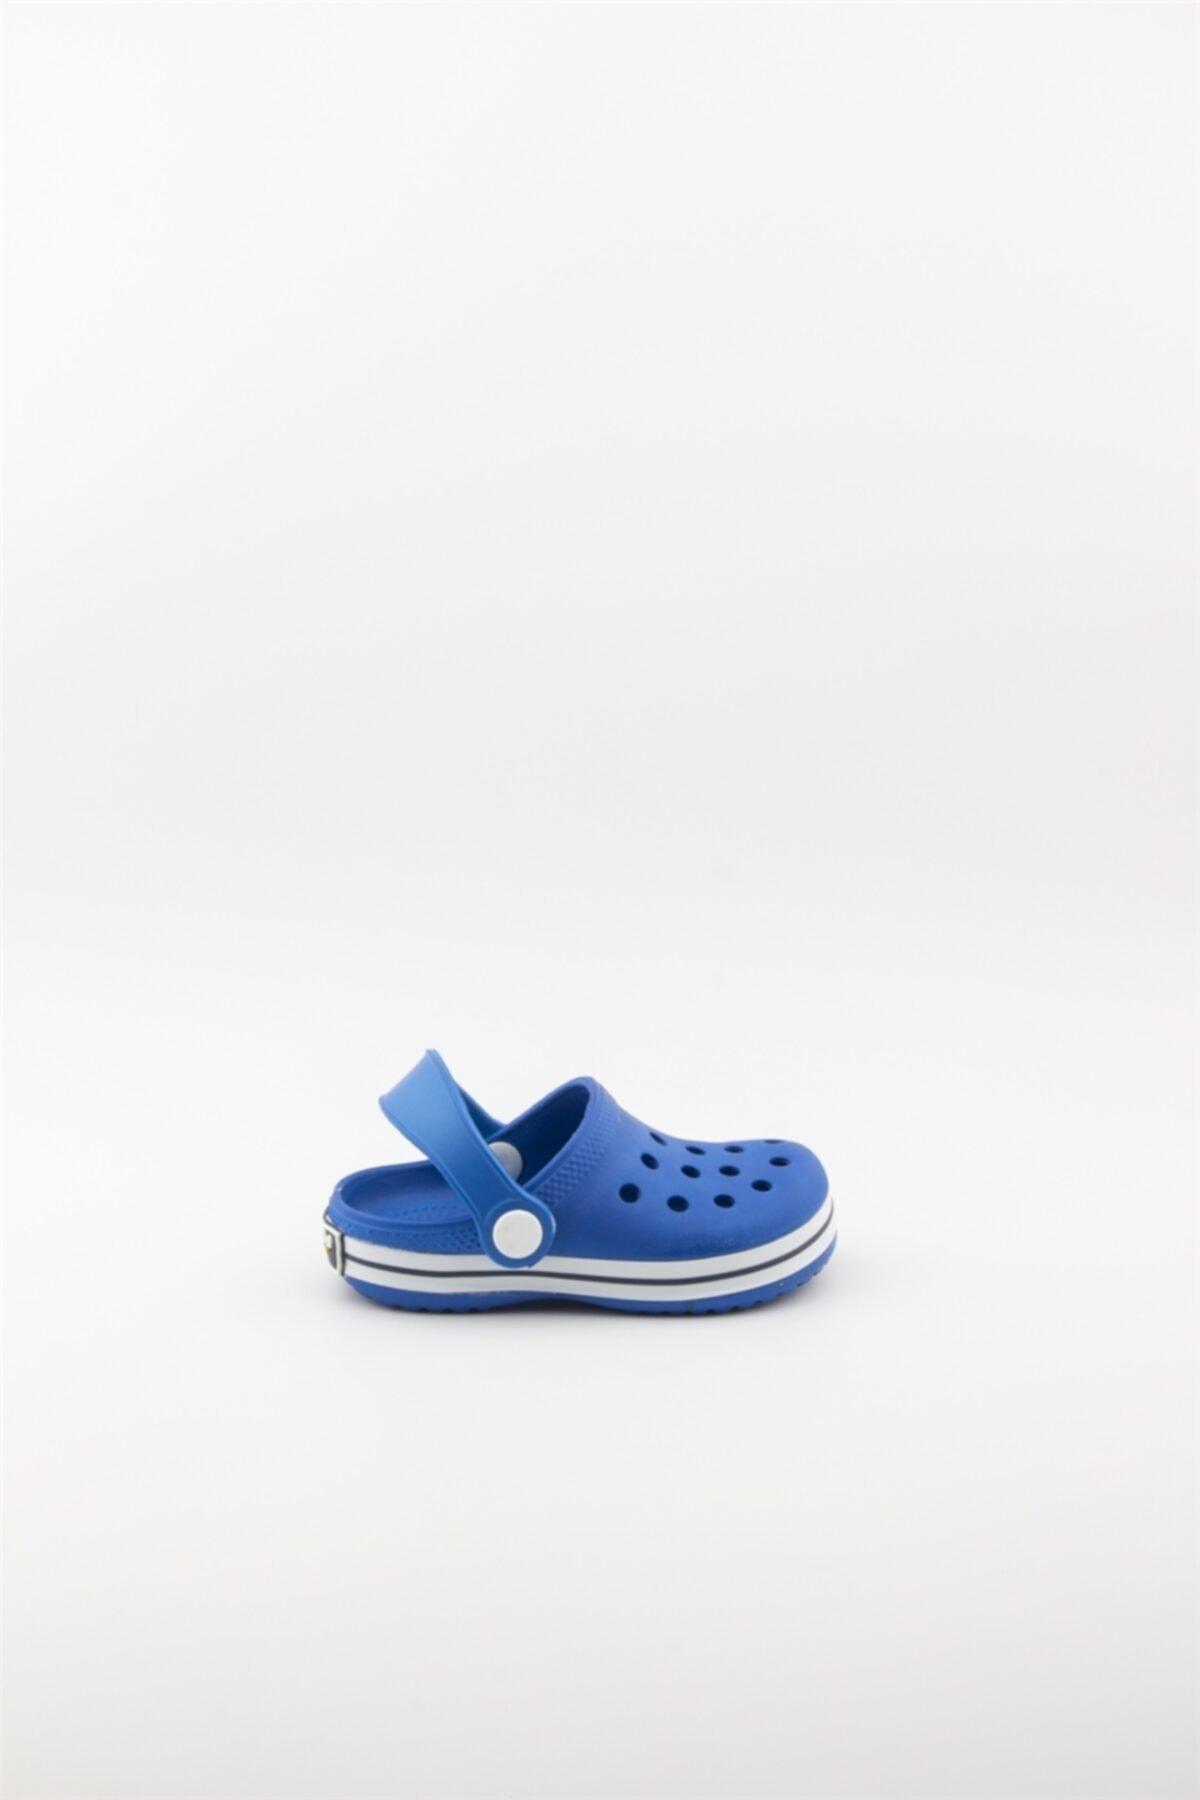 Çocuk Yazlık Sandalet / Terlik